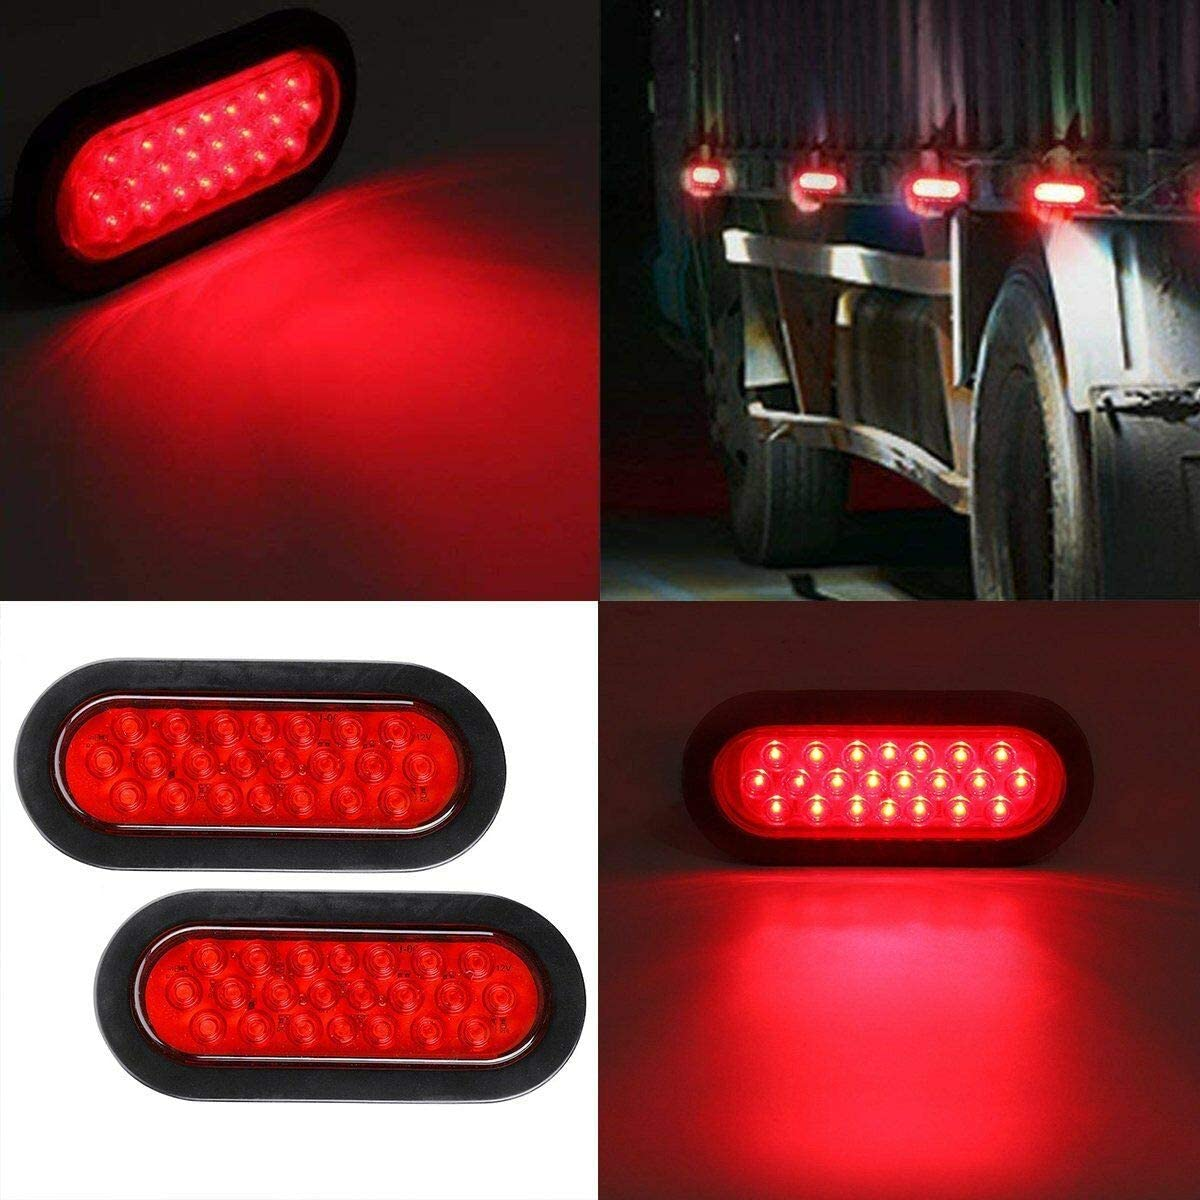 Yudanny 1 Paire Stop Stop Feu Arri/ère 12 V 22Led Ovale LED Feux de Remorque Stop Clignotant Frein Marqueur Feu Arri/ère pour Camion Remorque Trail Bus